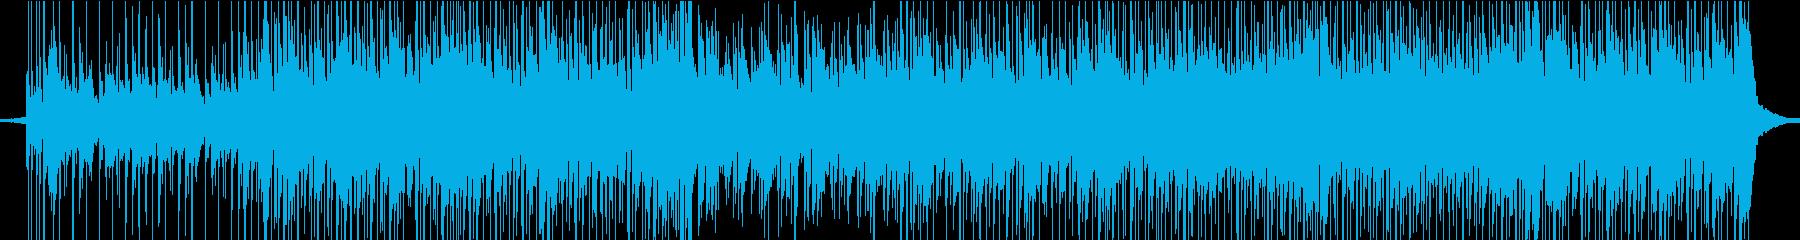 ポップ ロック アンビエント カン...の再生済みの波形